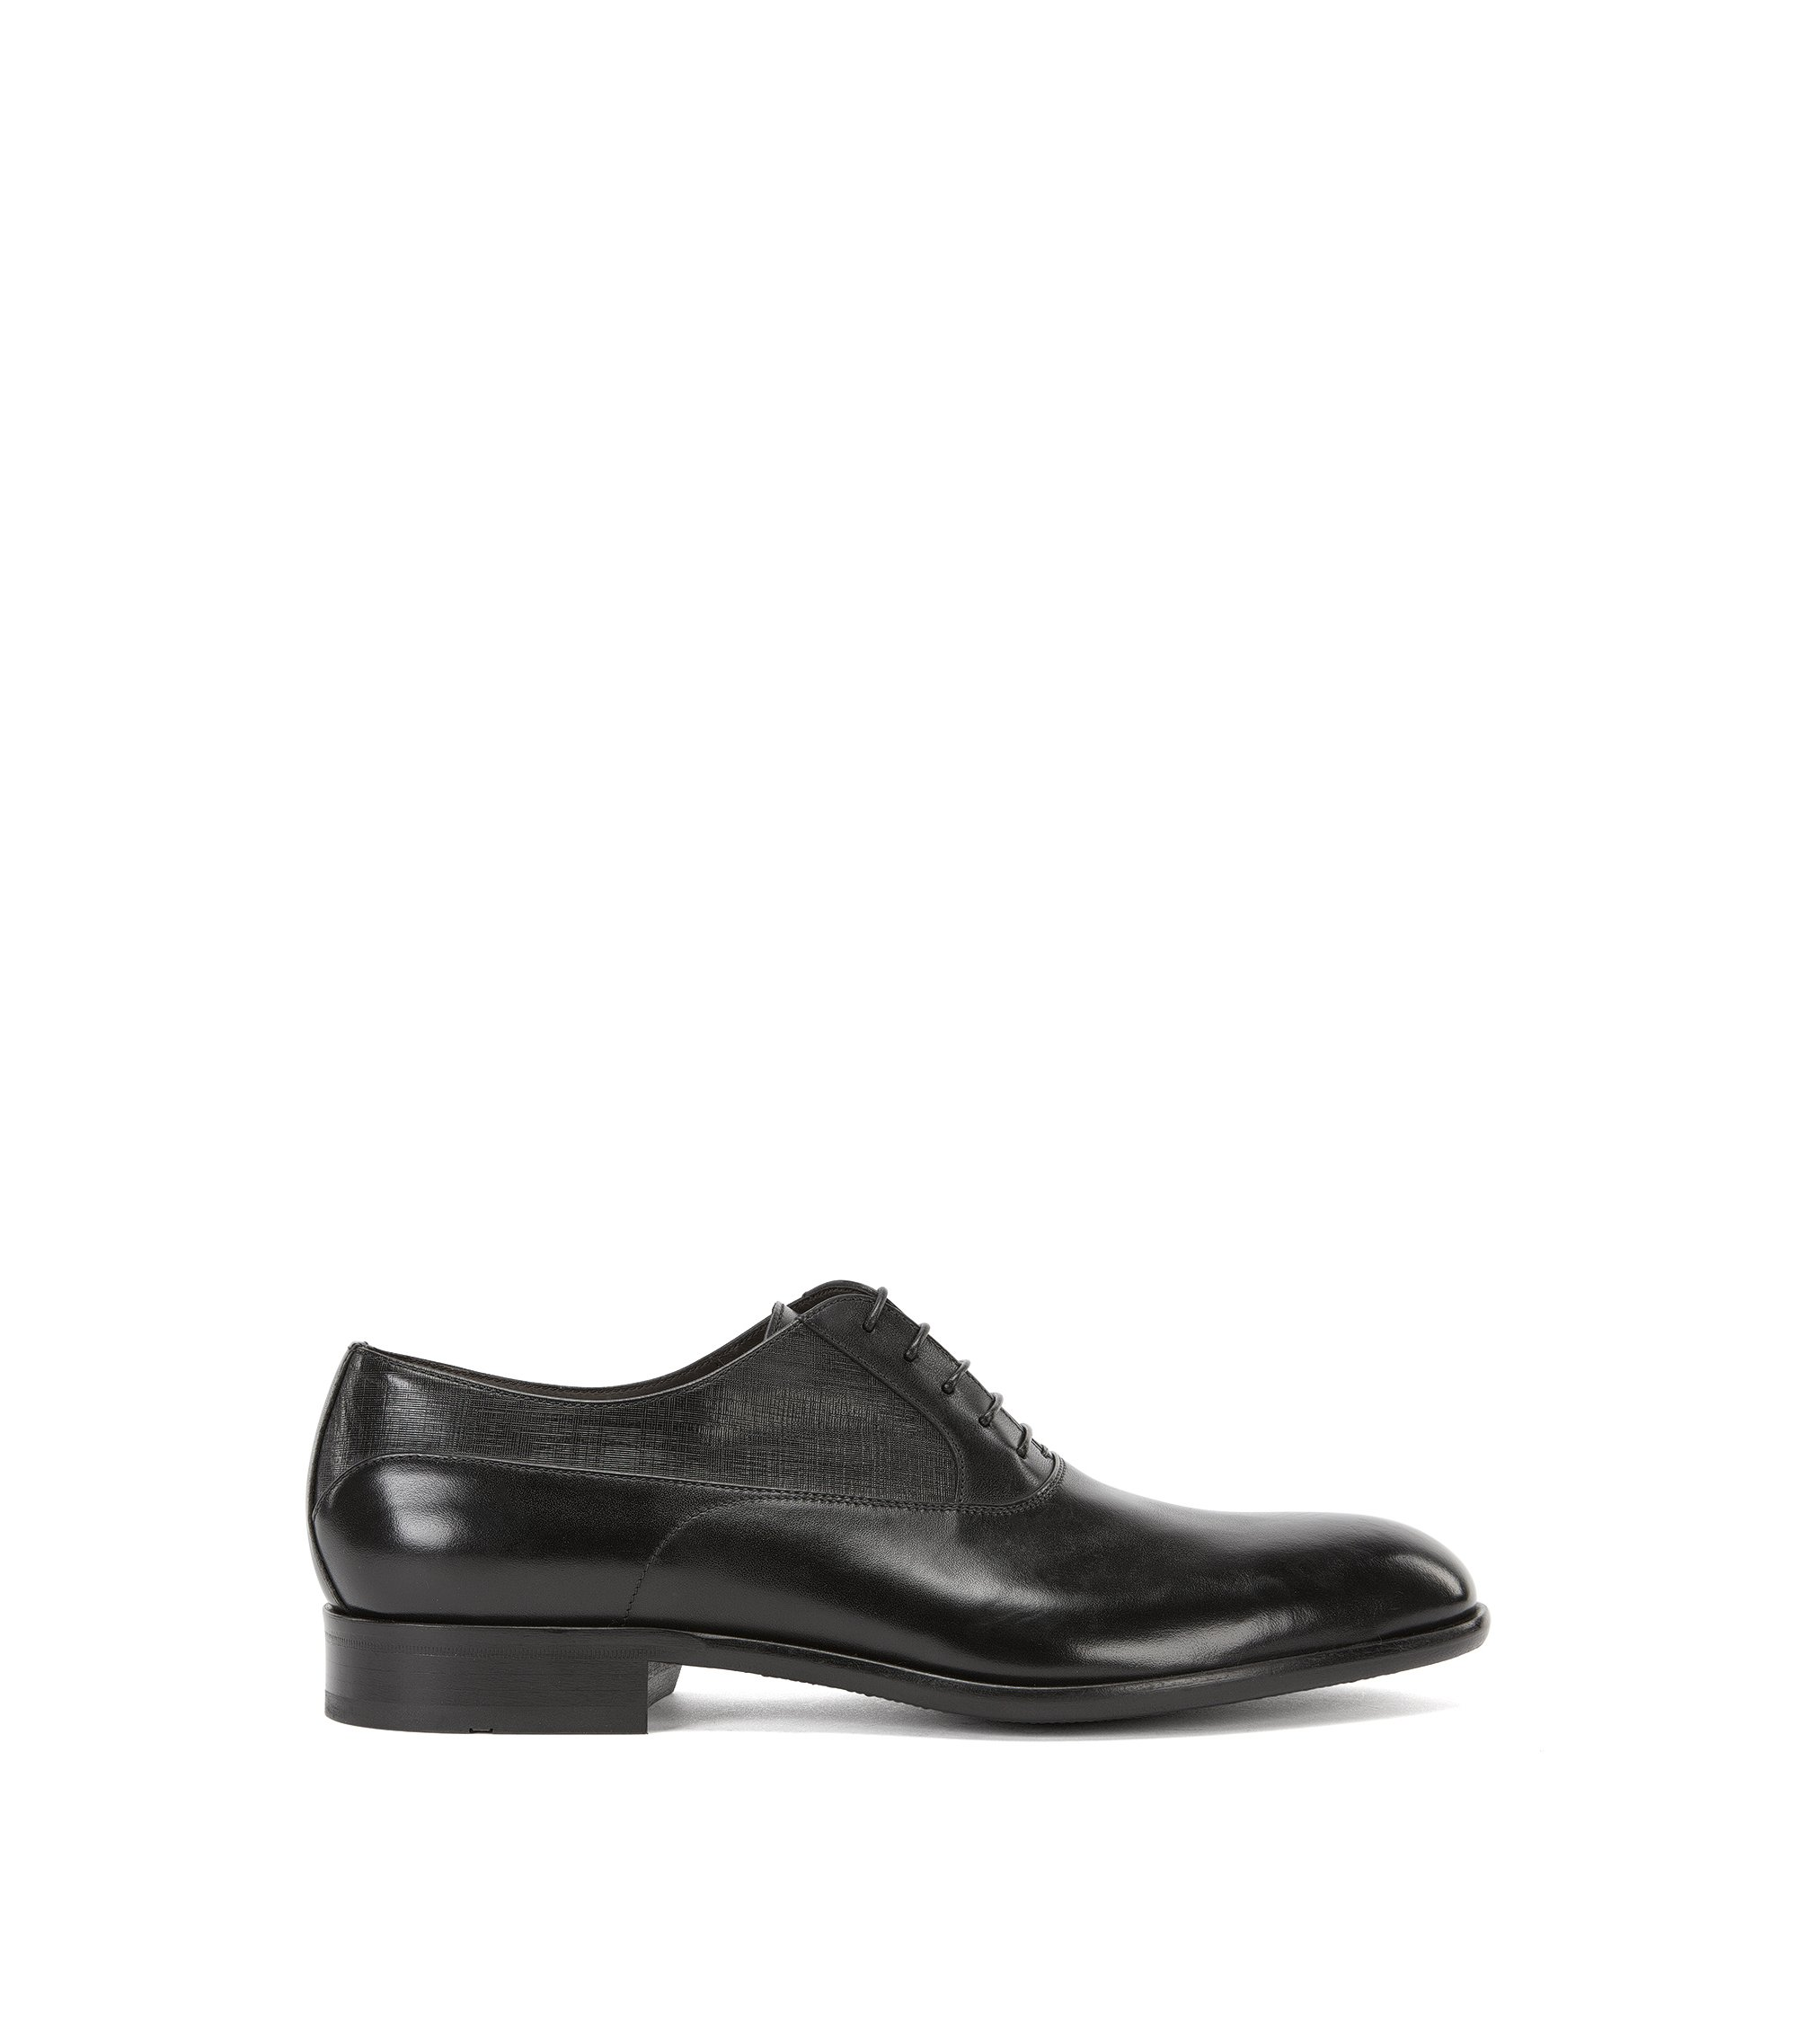 Chaussures Oxford à quartiers en cuir imprimé , Noir